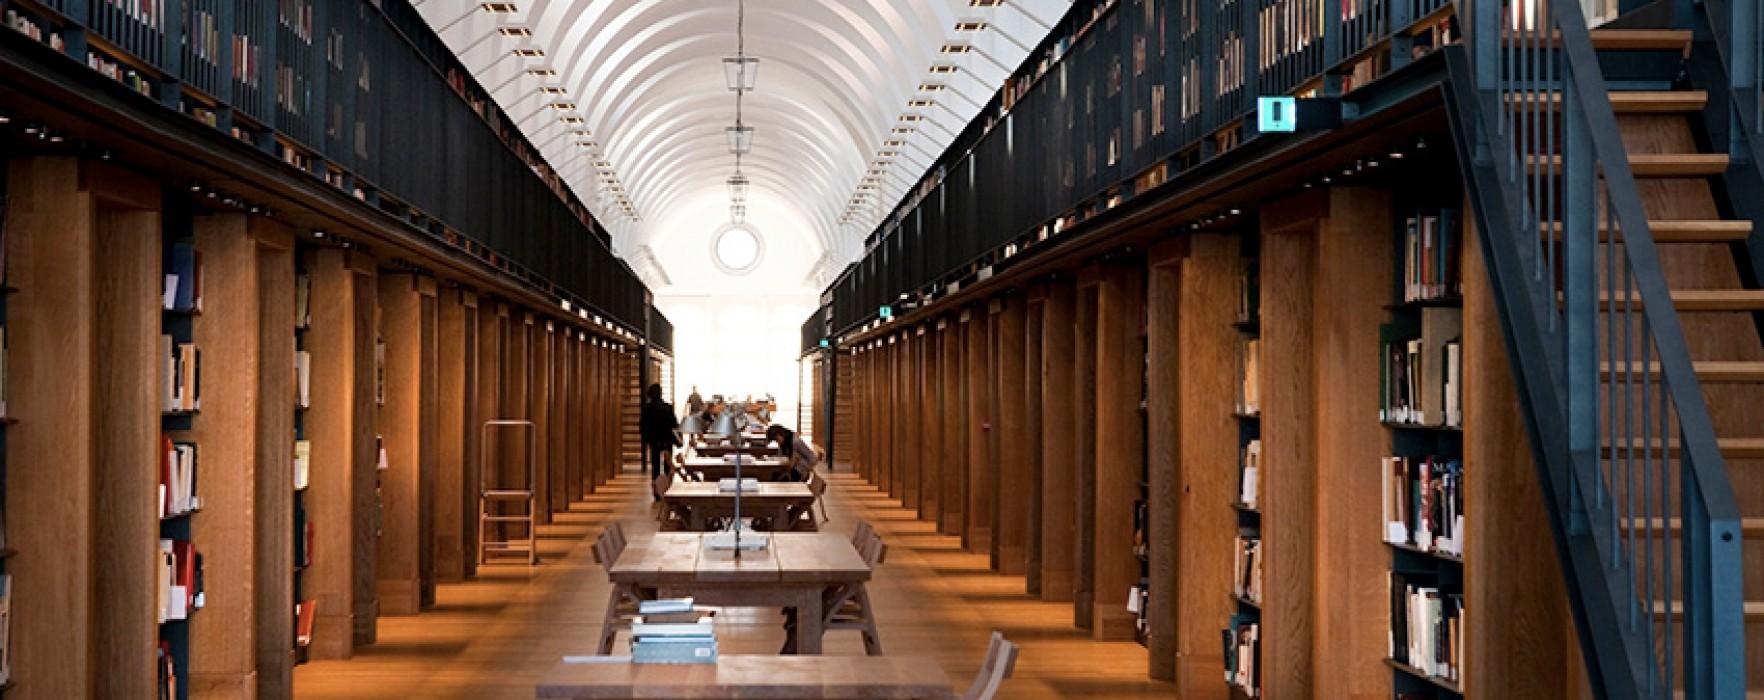 Librerie, quale futuro?